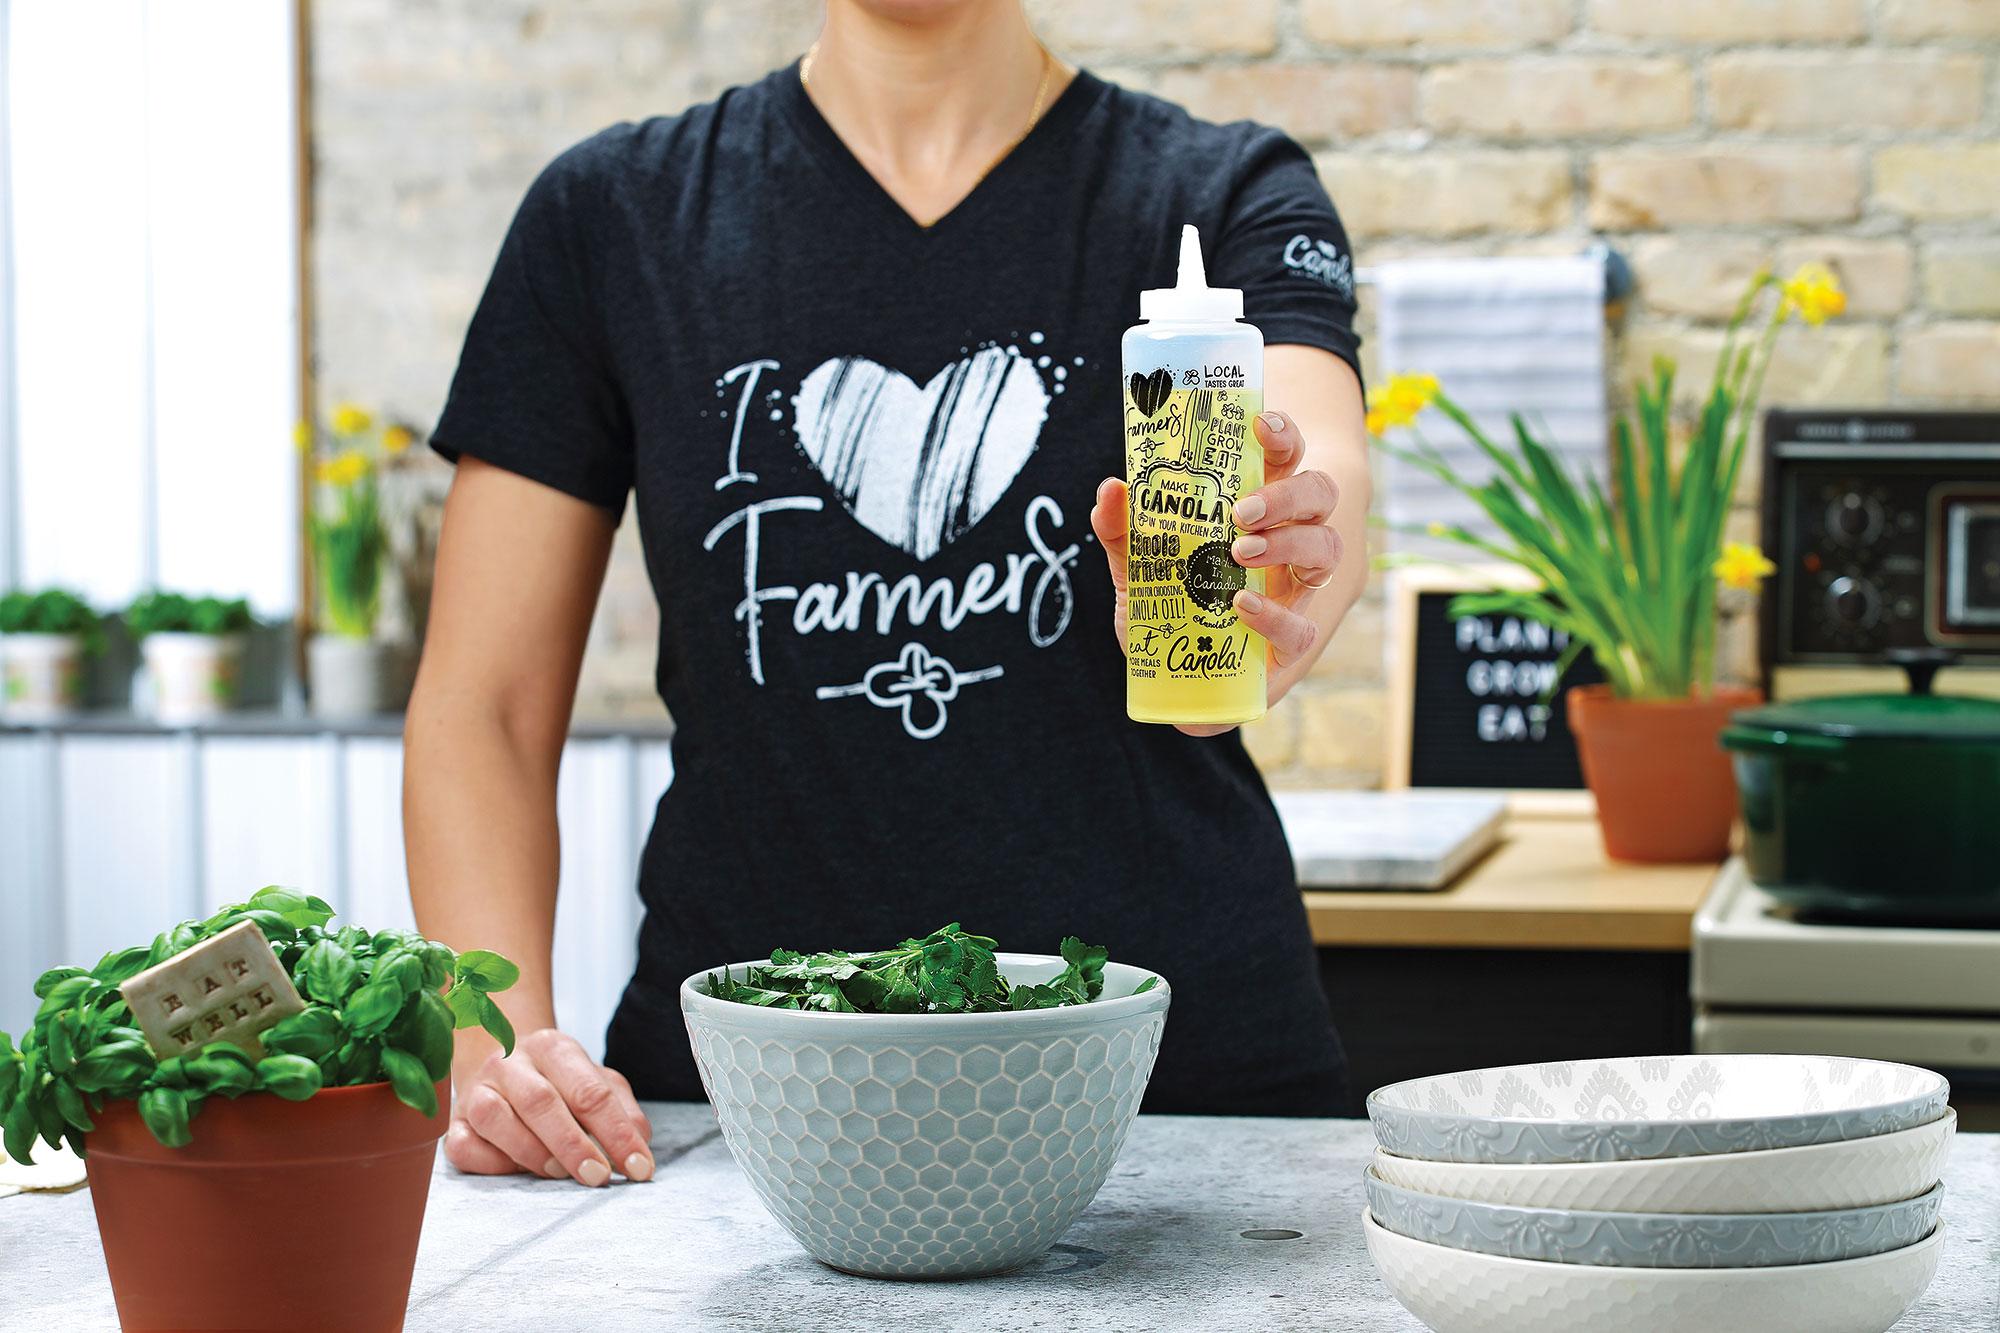 #MakeItCanola in Your Kitchen This Summer